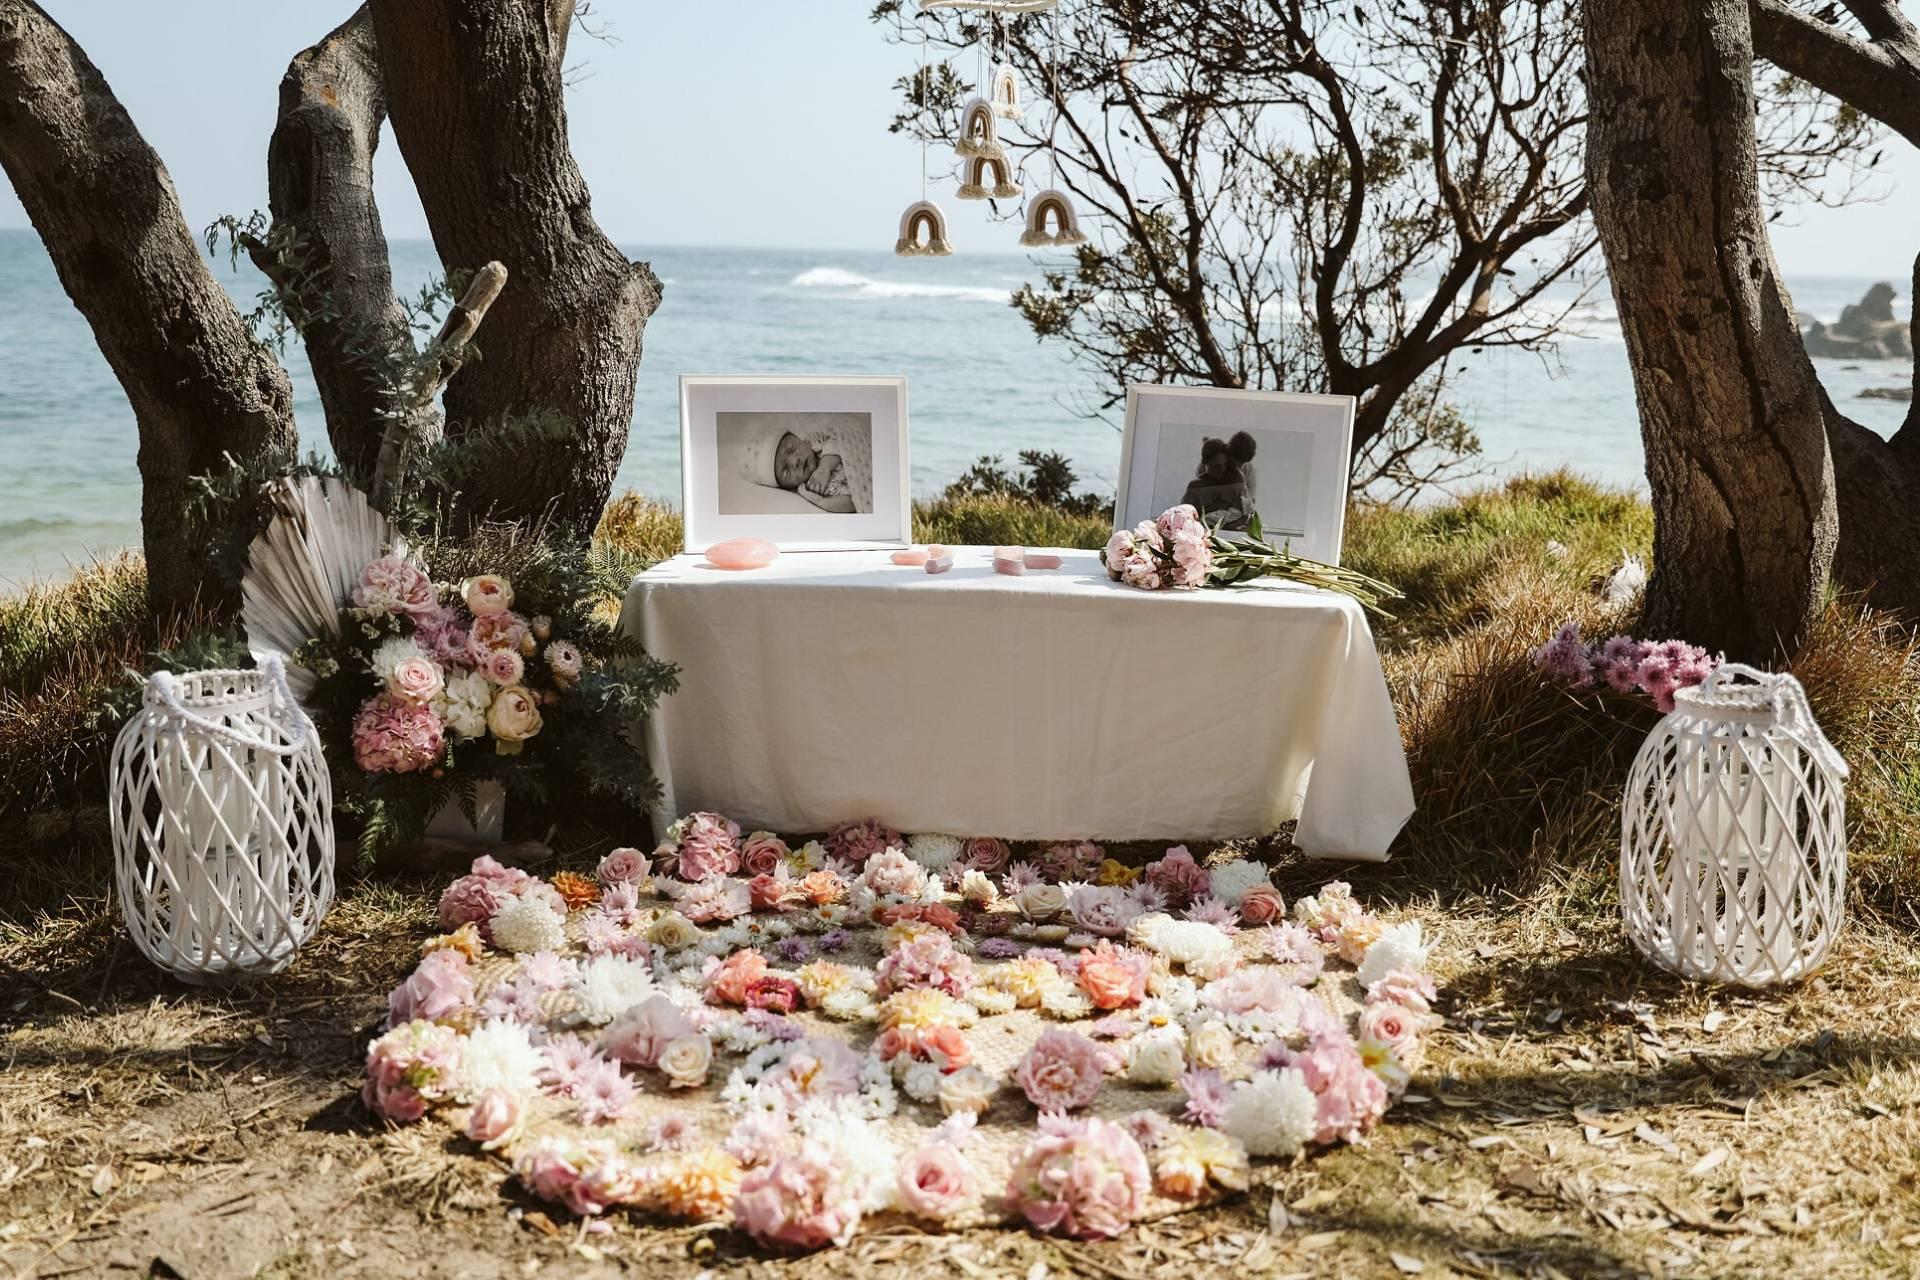 Children in funerals